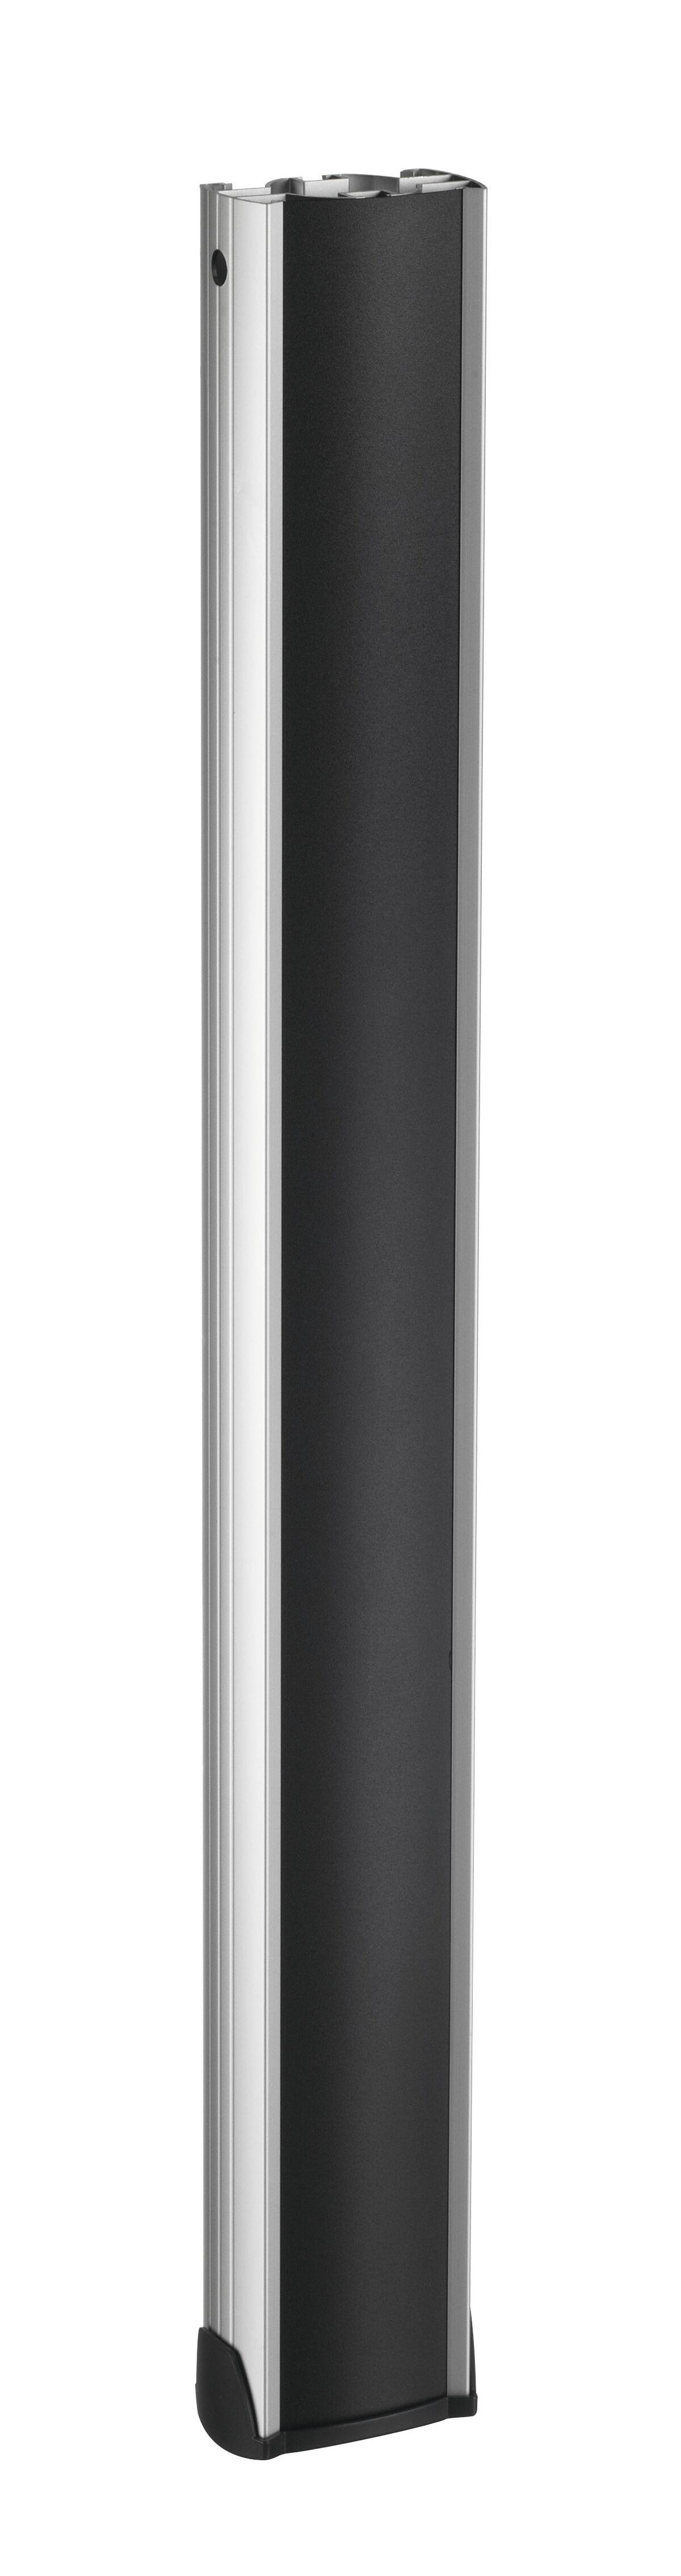 Vogel's PUC 2515 Pole 150 cm silver - Product